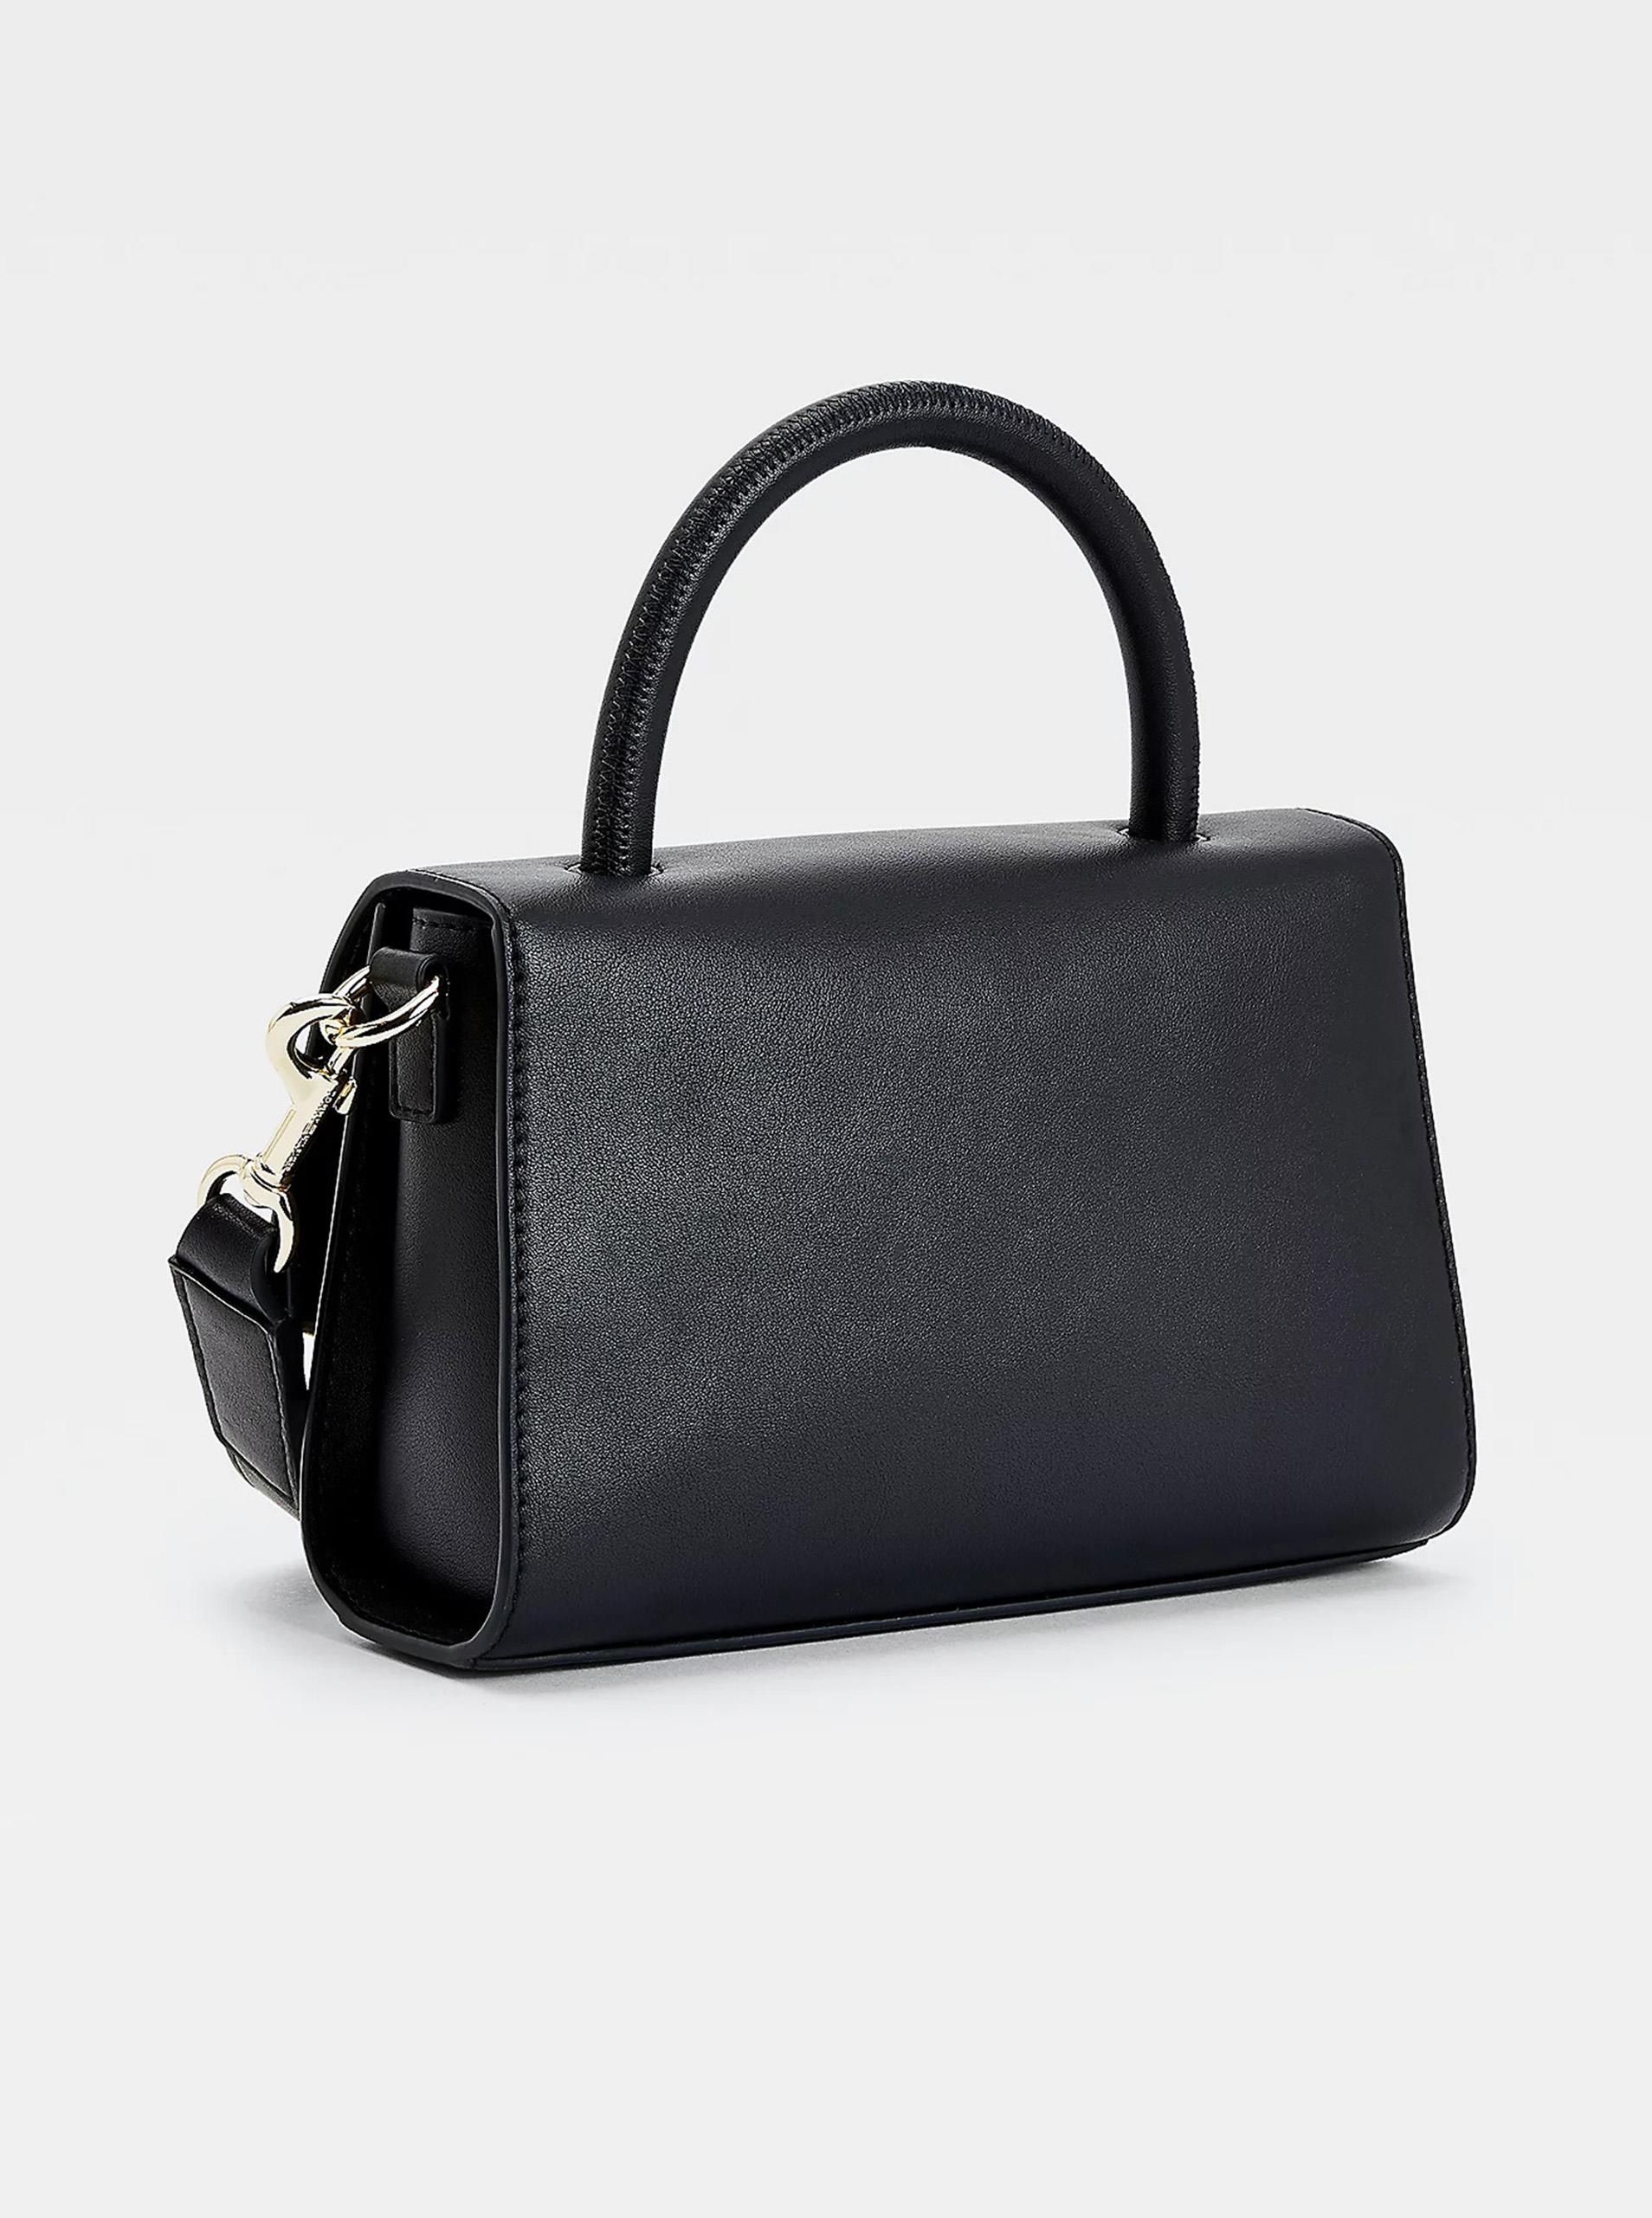 Tommy Hilfiger crossbody small handbag